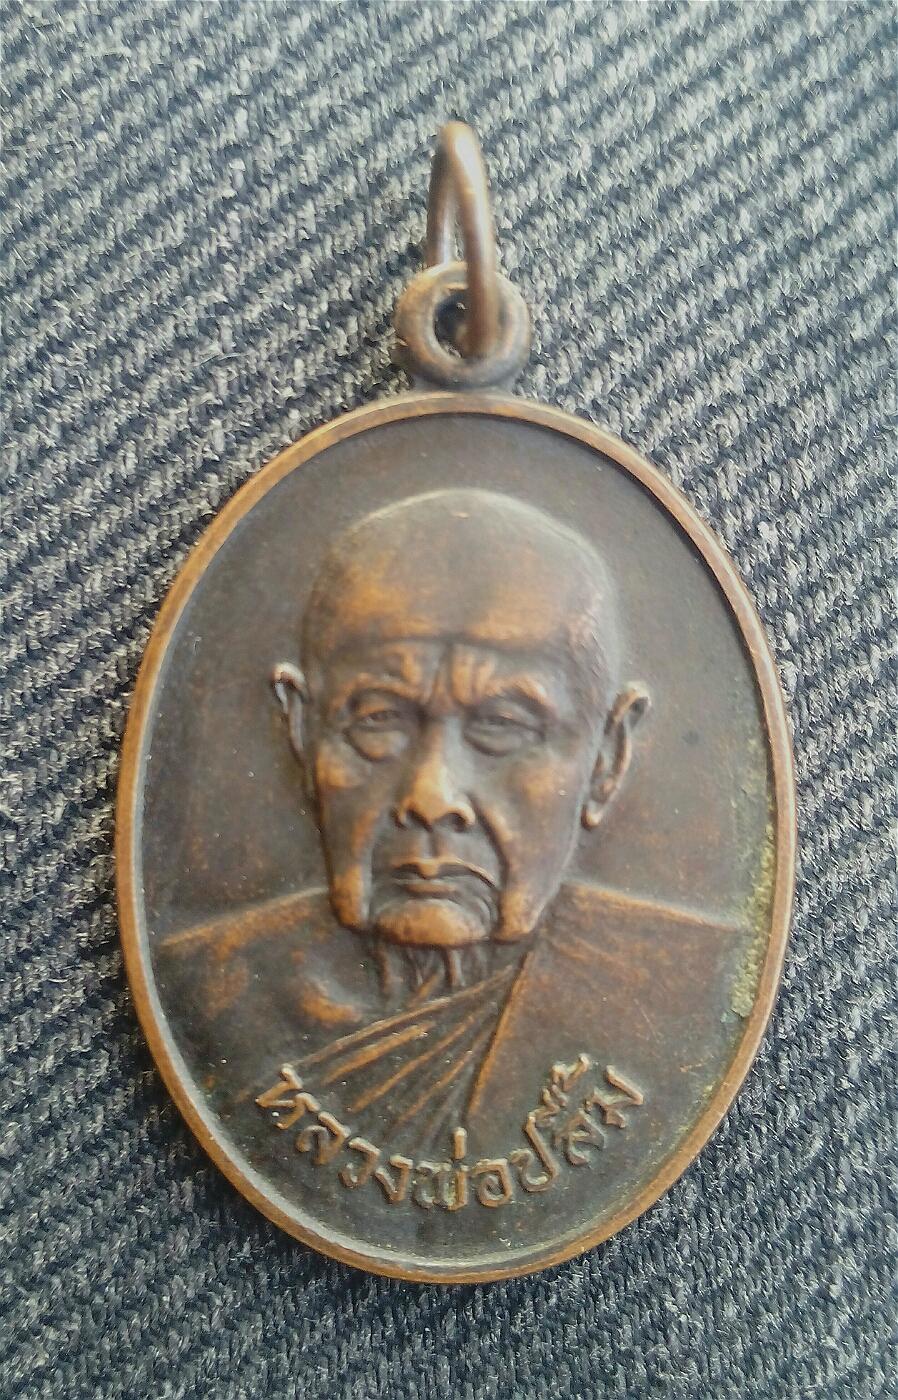 เหรียญหลวงพ่อปลื้ม ออกวัดระเบาะเกตุฯ อ.นาดี จ.ปราจีนบุรี รุ่นสร้างอุโบสถ